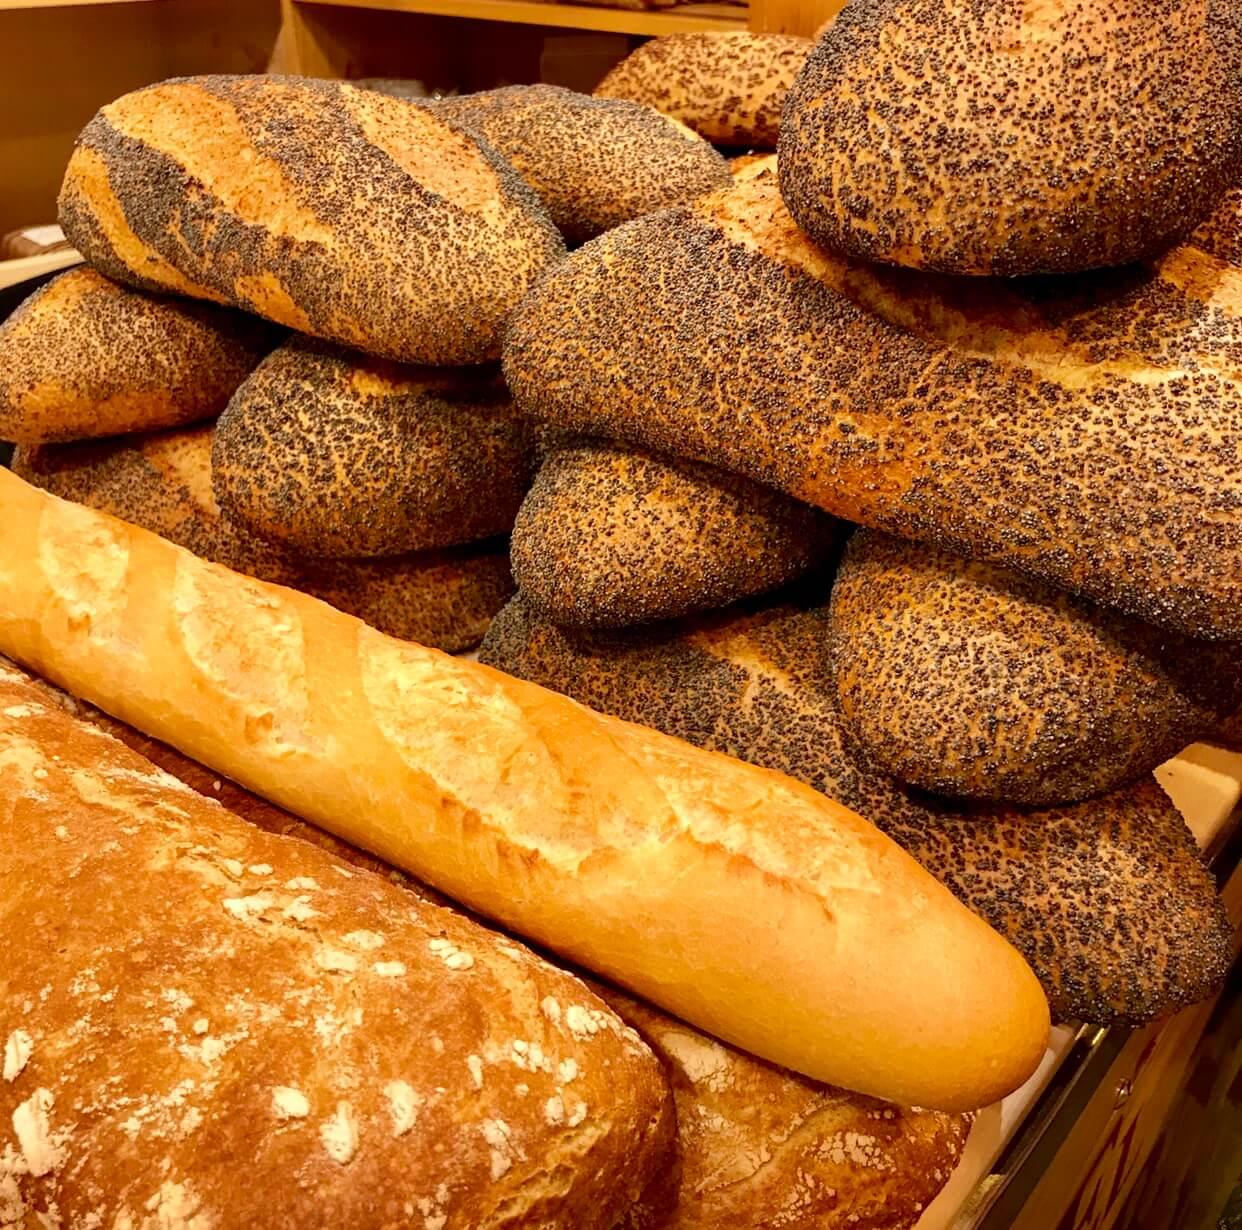 Nueva ley del pan 2019